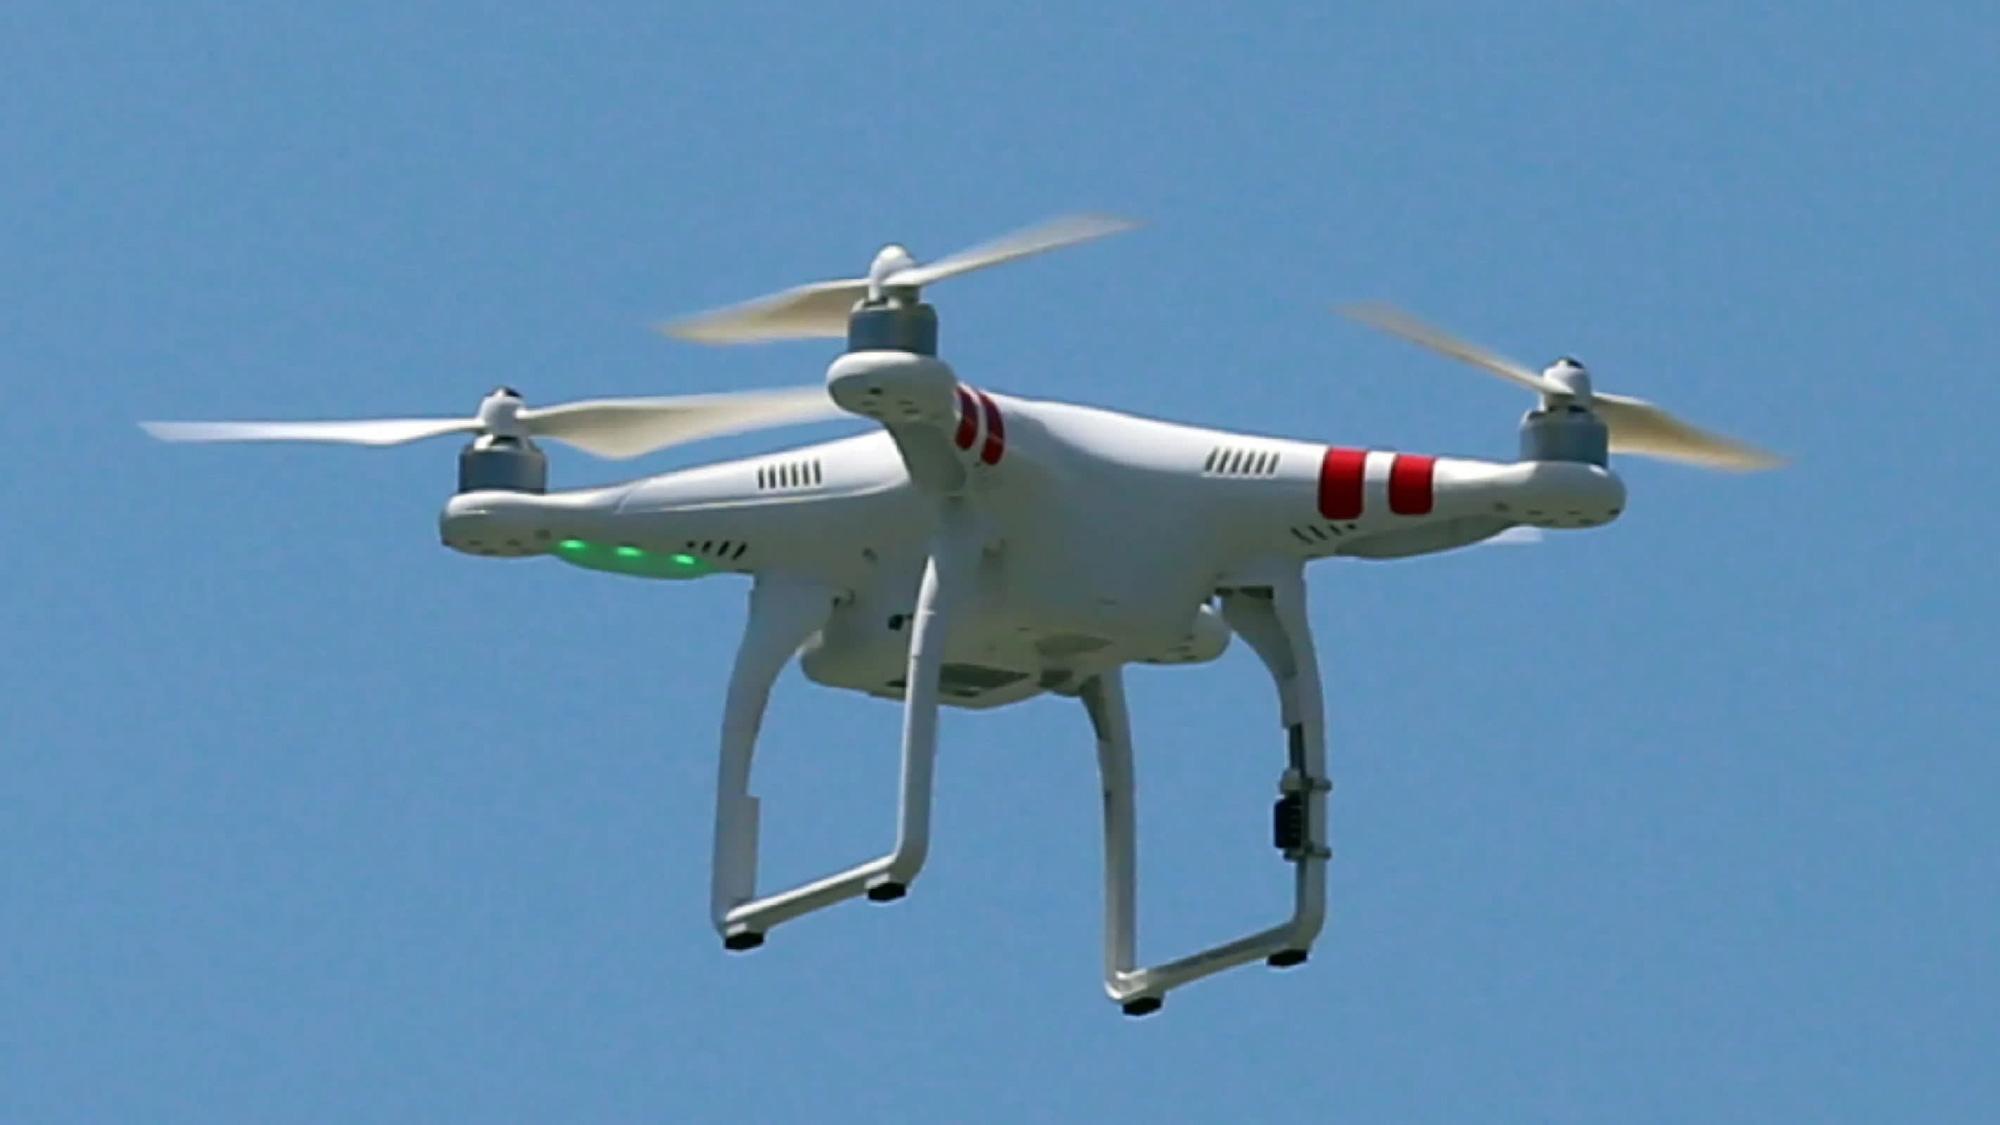 Sàn thương mại điện tử JD.com dùng trực thăng không người lái để giao hàng - Ảnh 1.